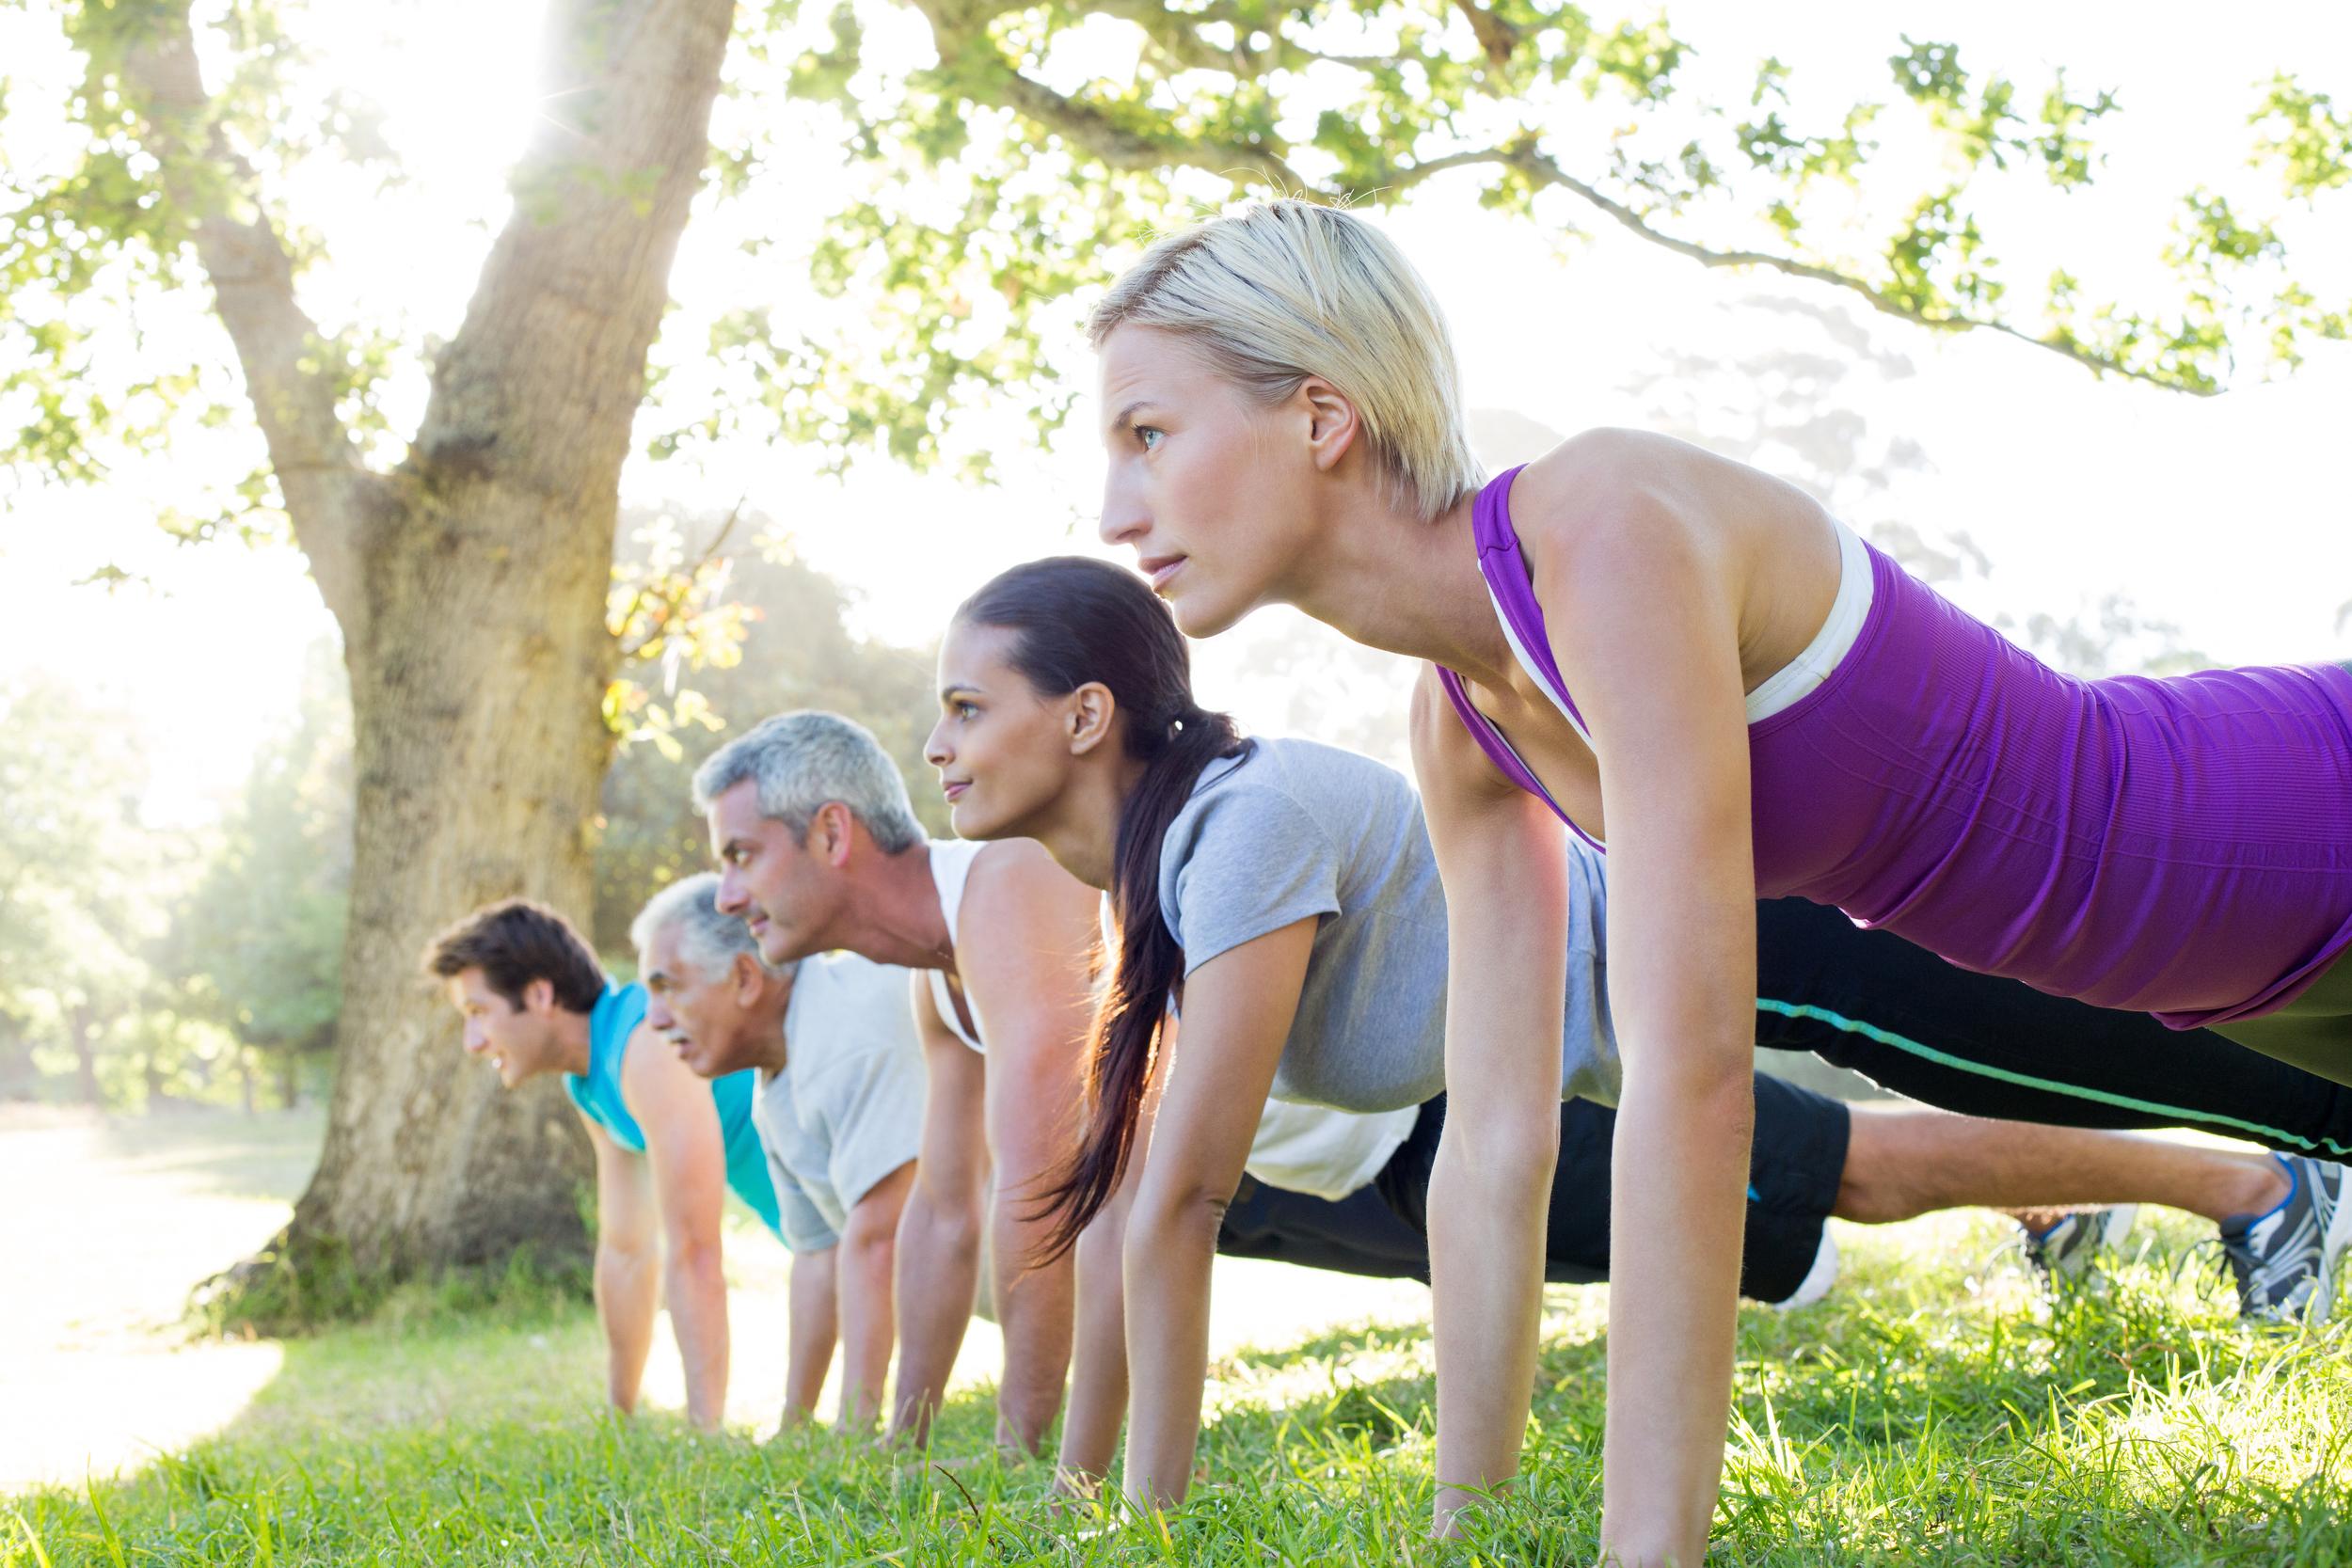 Outdoor fitness opportunities